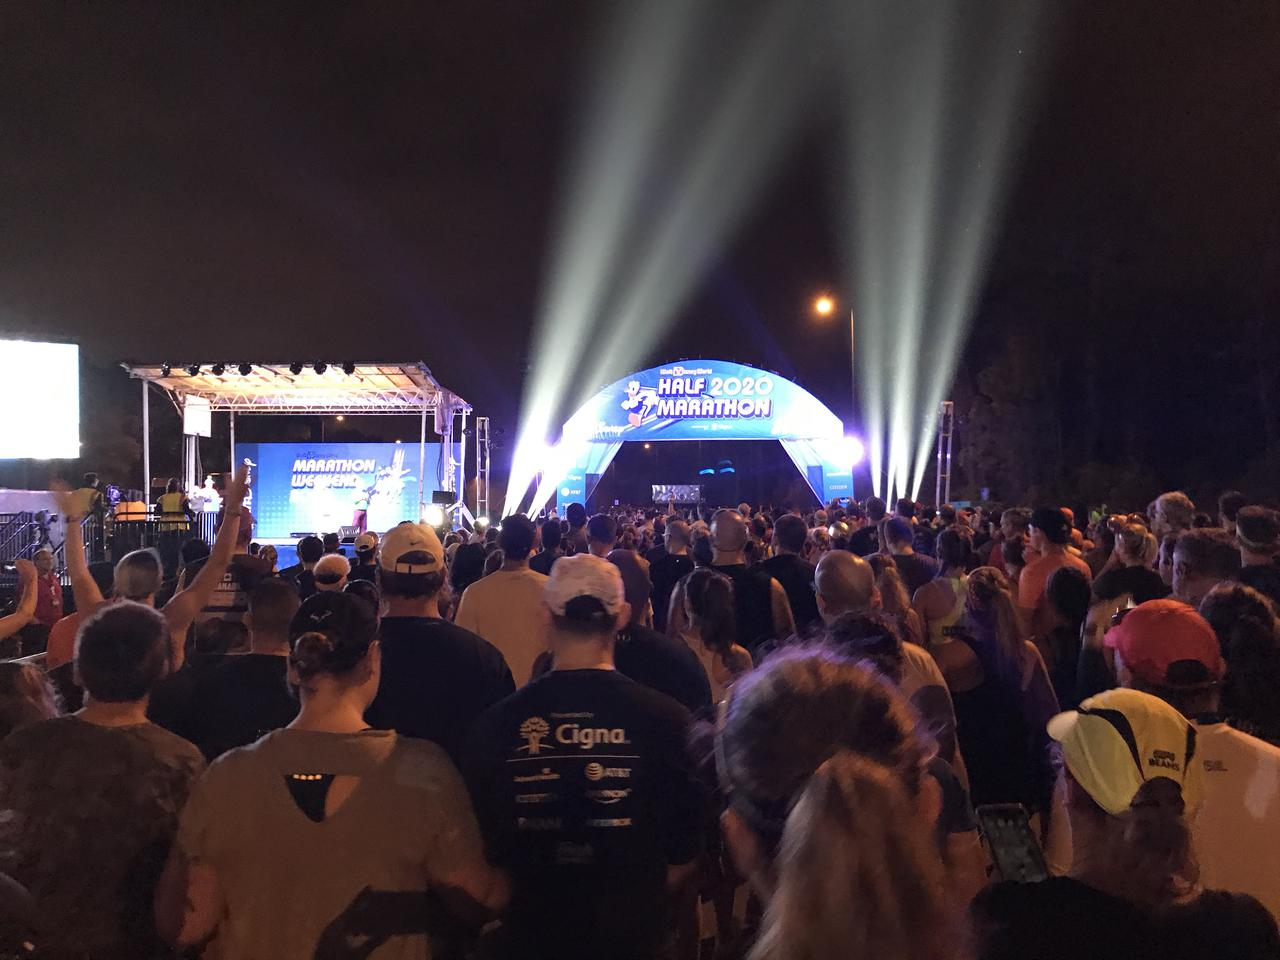 画像: ハーフマラソンスタートの様子。スタート位置でキャラクターがコーラルごとにスタートの合図をしてくれます